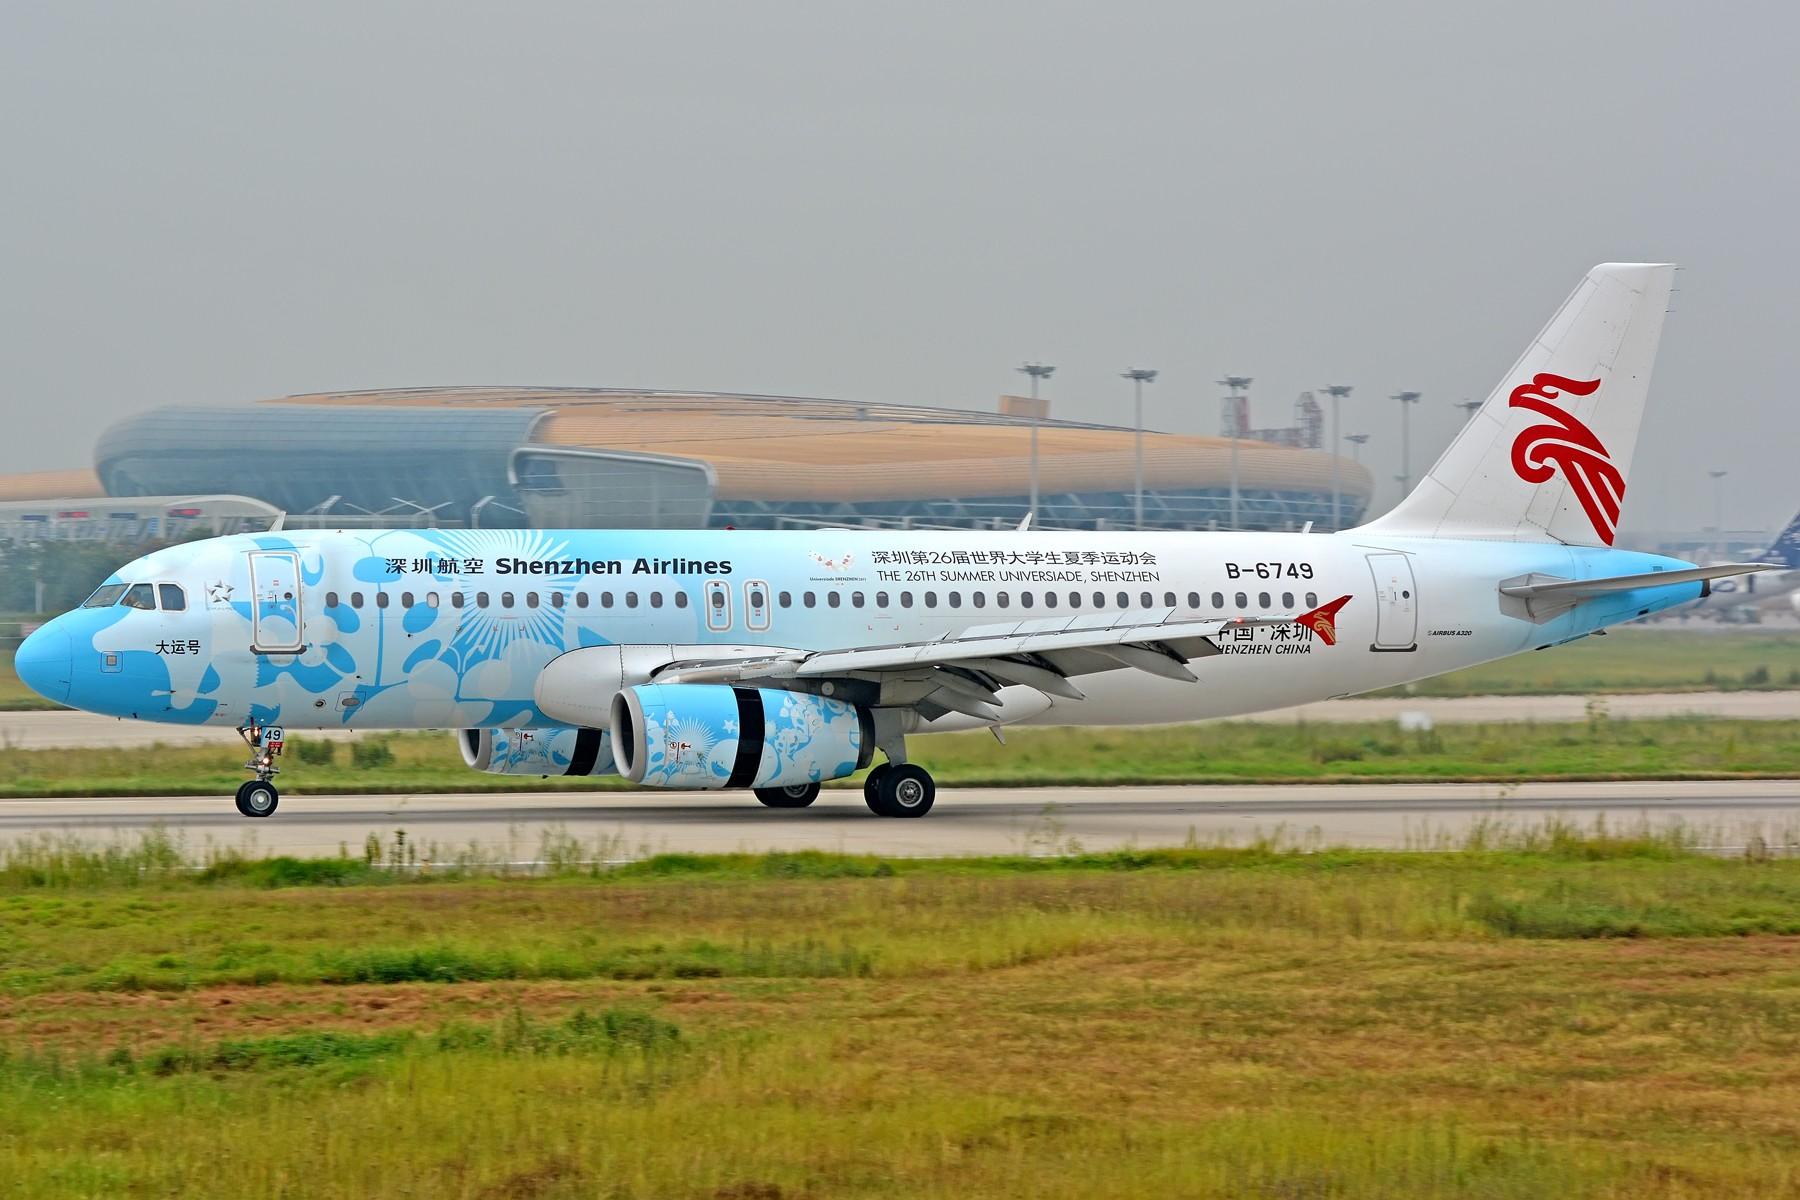 [原创]【多图党】超少年密码、大运号、云信号、满洲里号、邮戳 AIRBUS A320-200 B-6749 中国合肥新桥国际机场